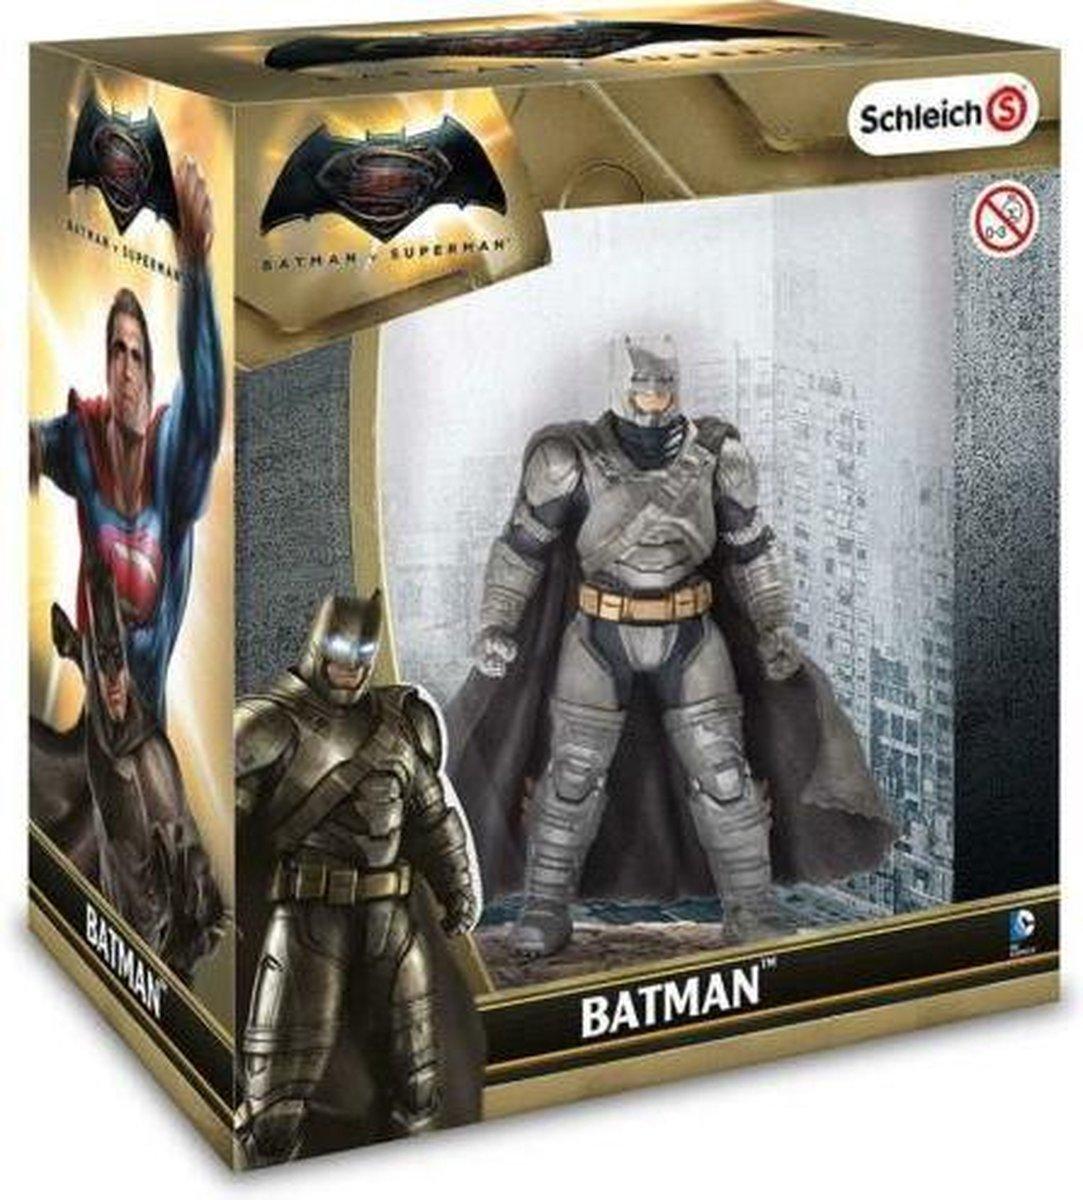 batman figuur - marvel - figuren - speelgoed - game - Viros